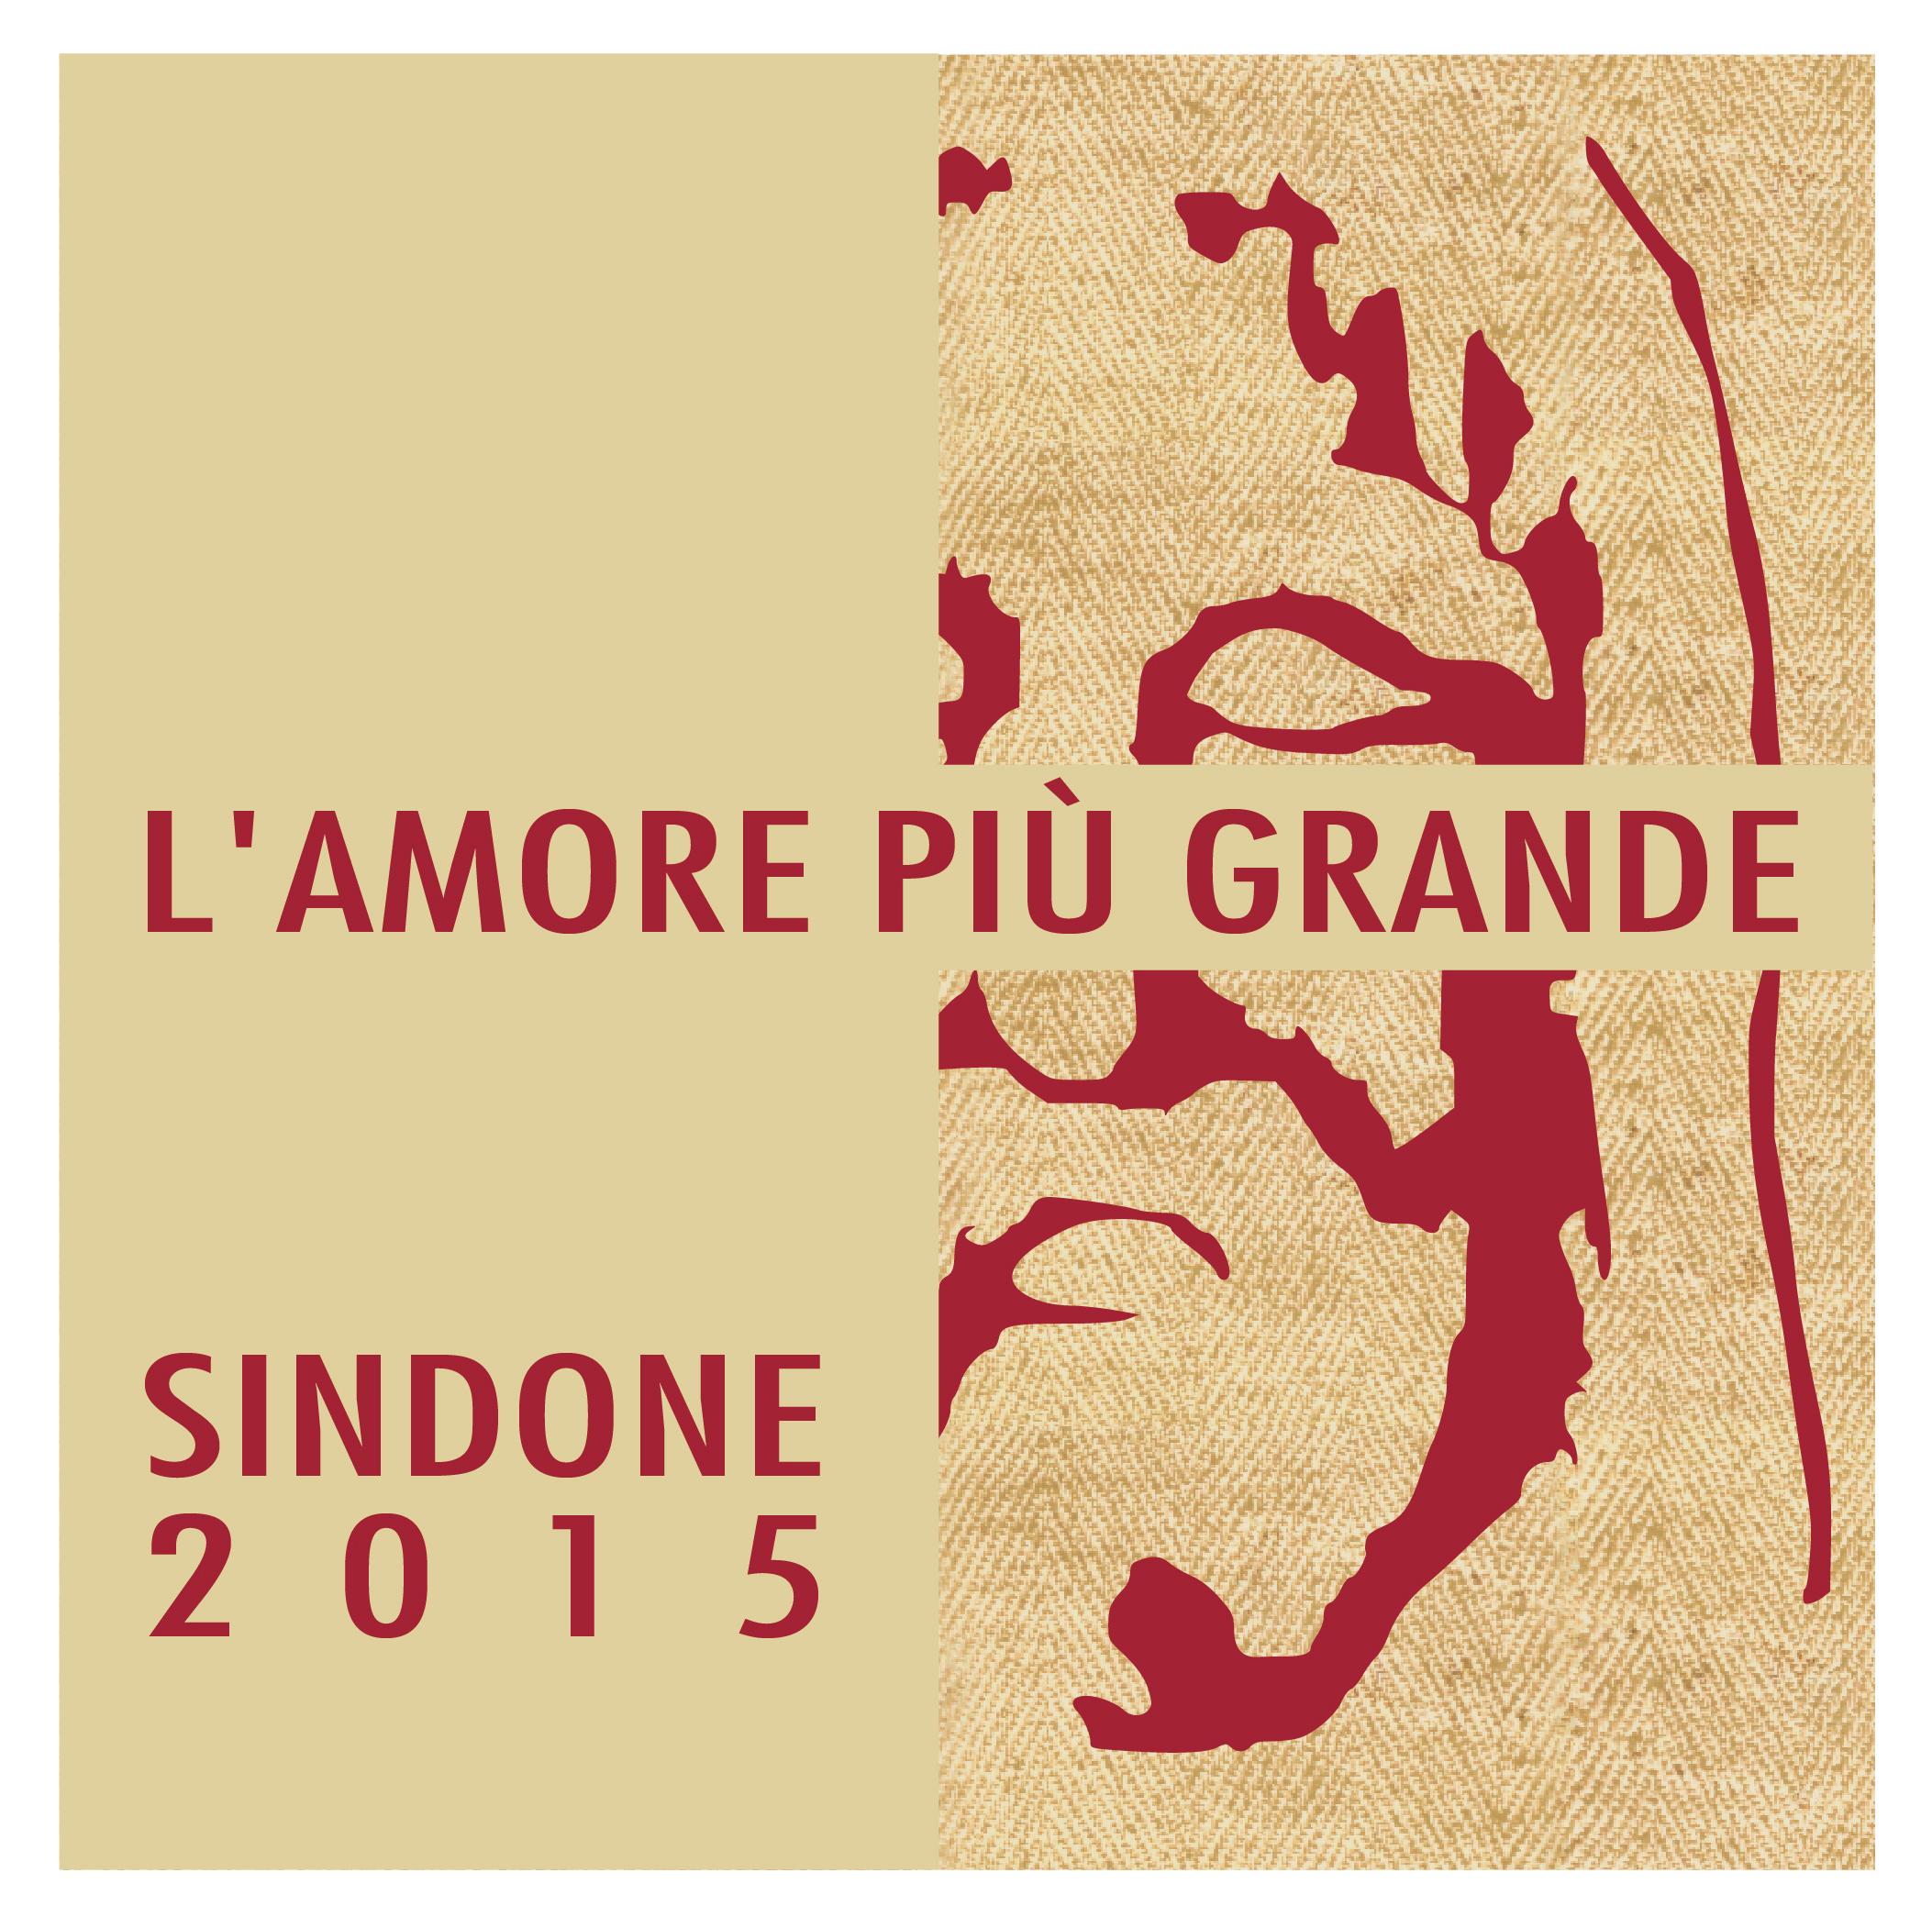 Logo-ostensione-Sindone-2015-MARCHIO-GRANDE